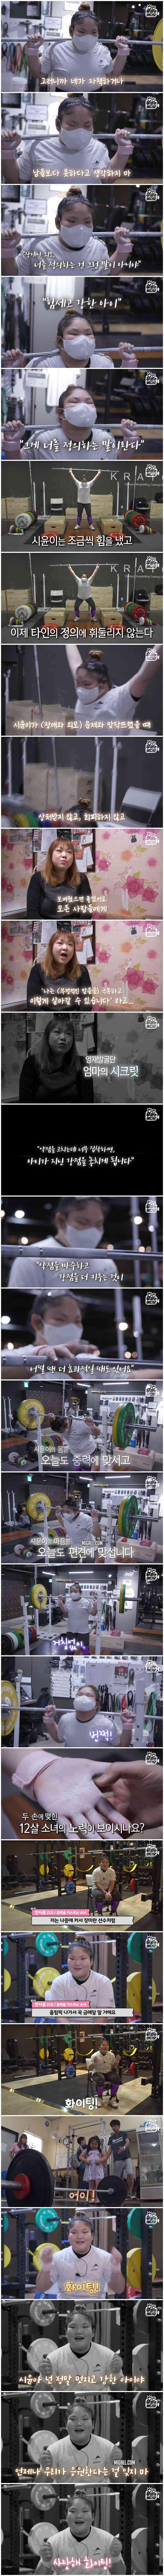 영재발굴단 역도소녀 시윤이 근황2.jpg